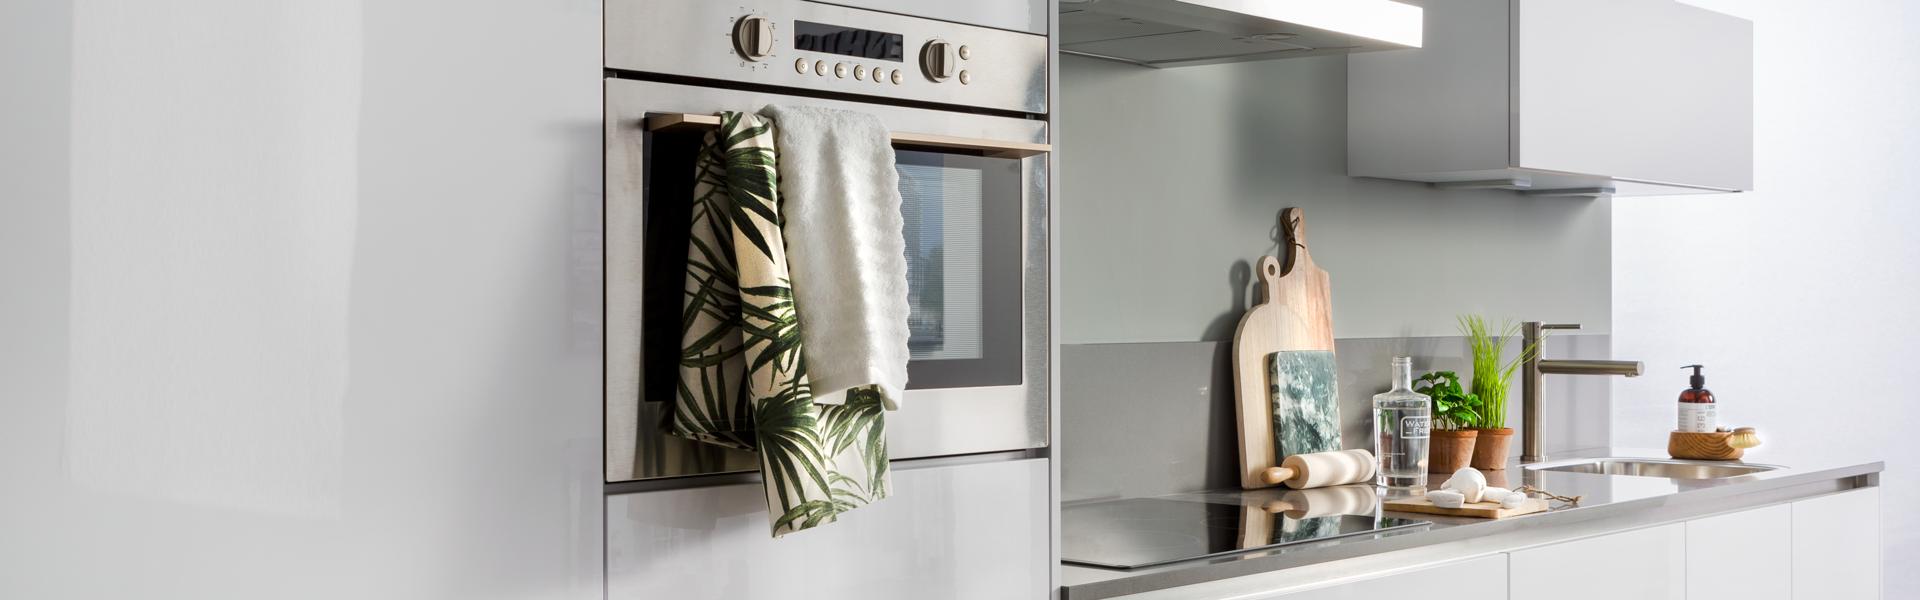 Rechte witte keuken | Keuken inspiratie